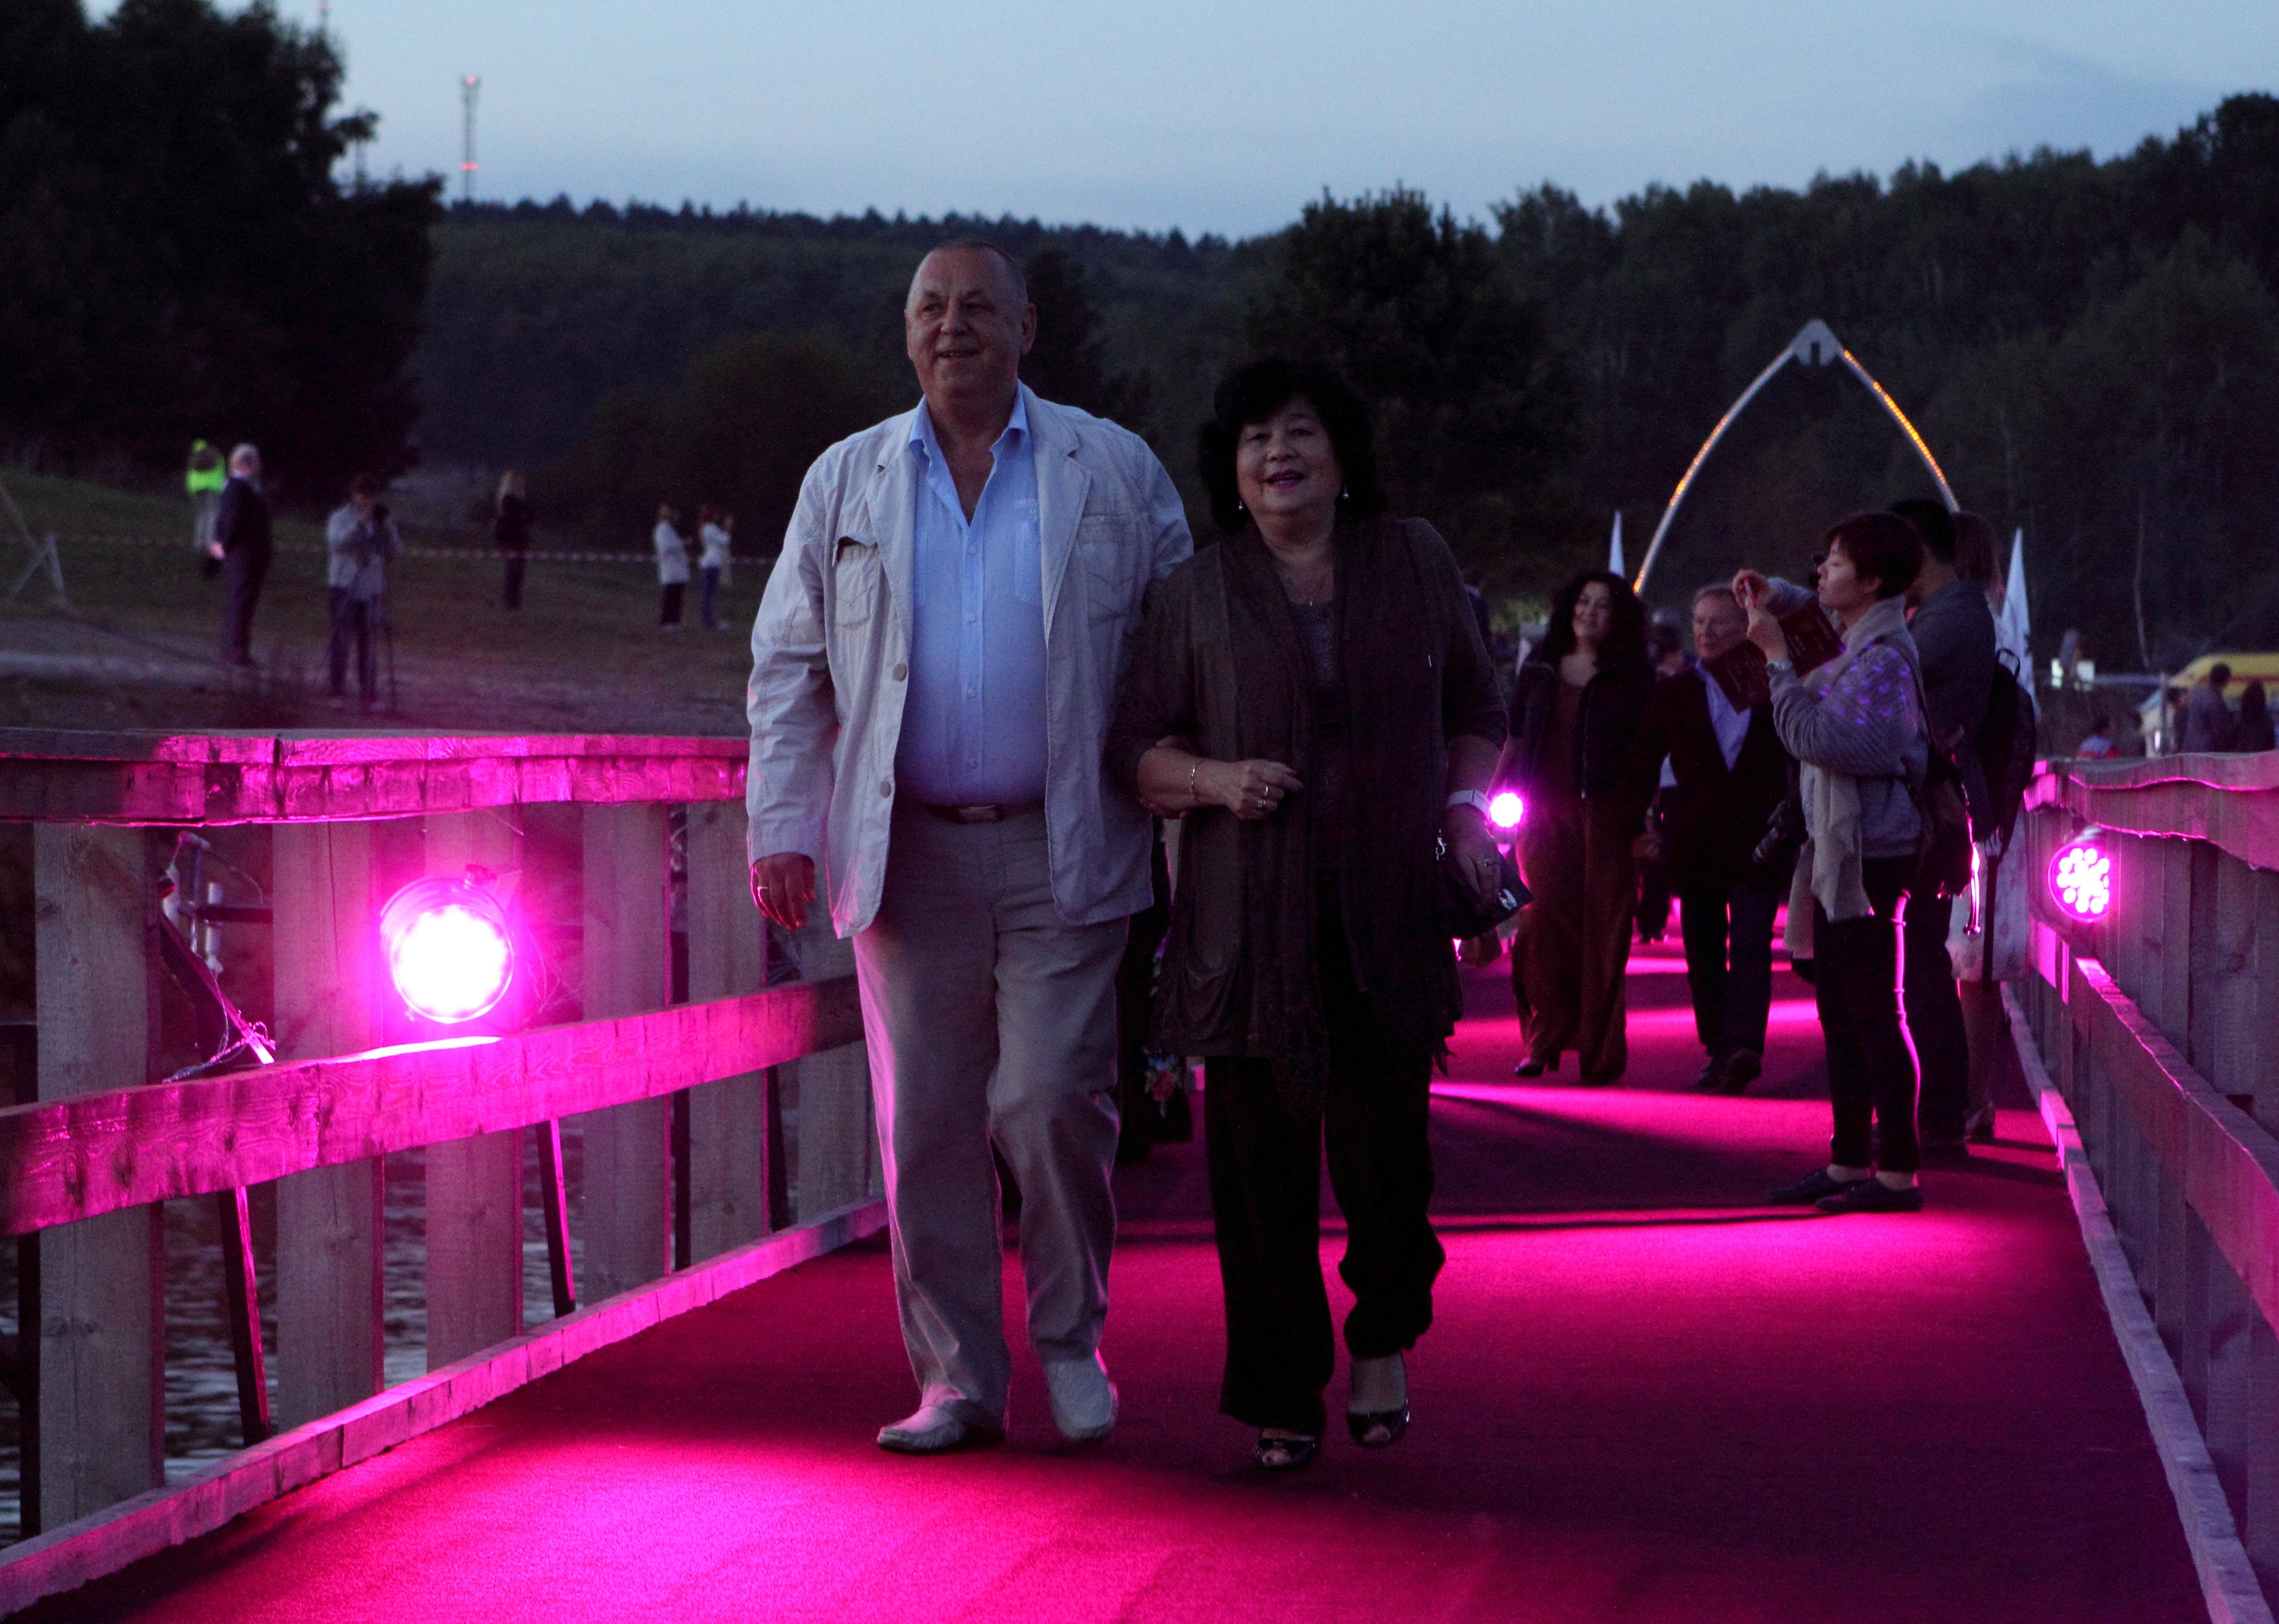 звездная дорожка IX Международный фестиваль театра и кино «В кругу семьи»